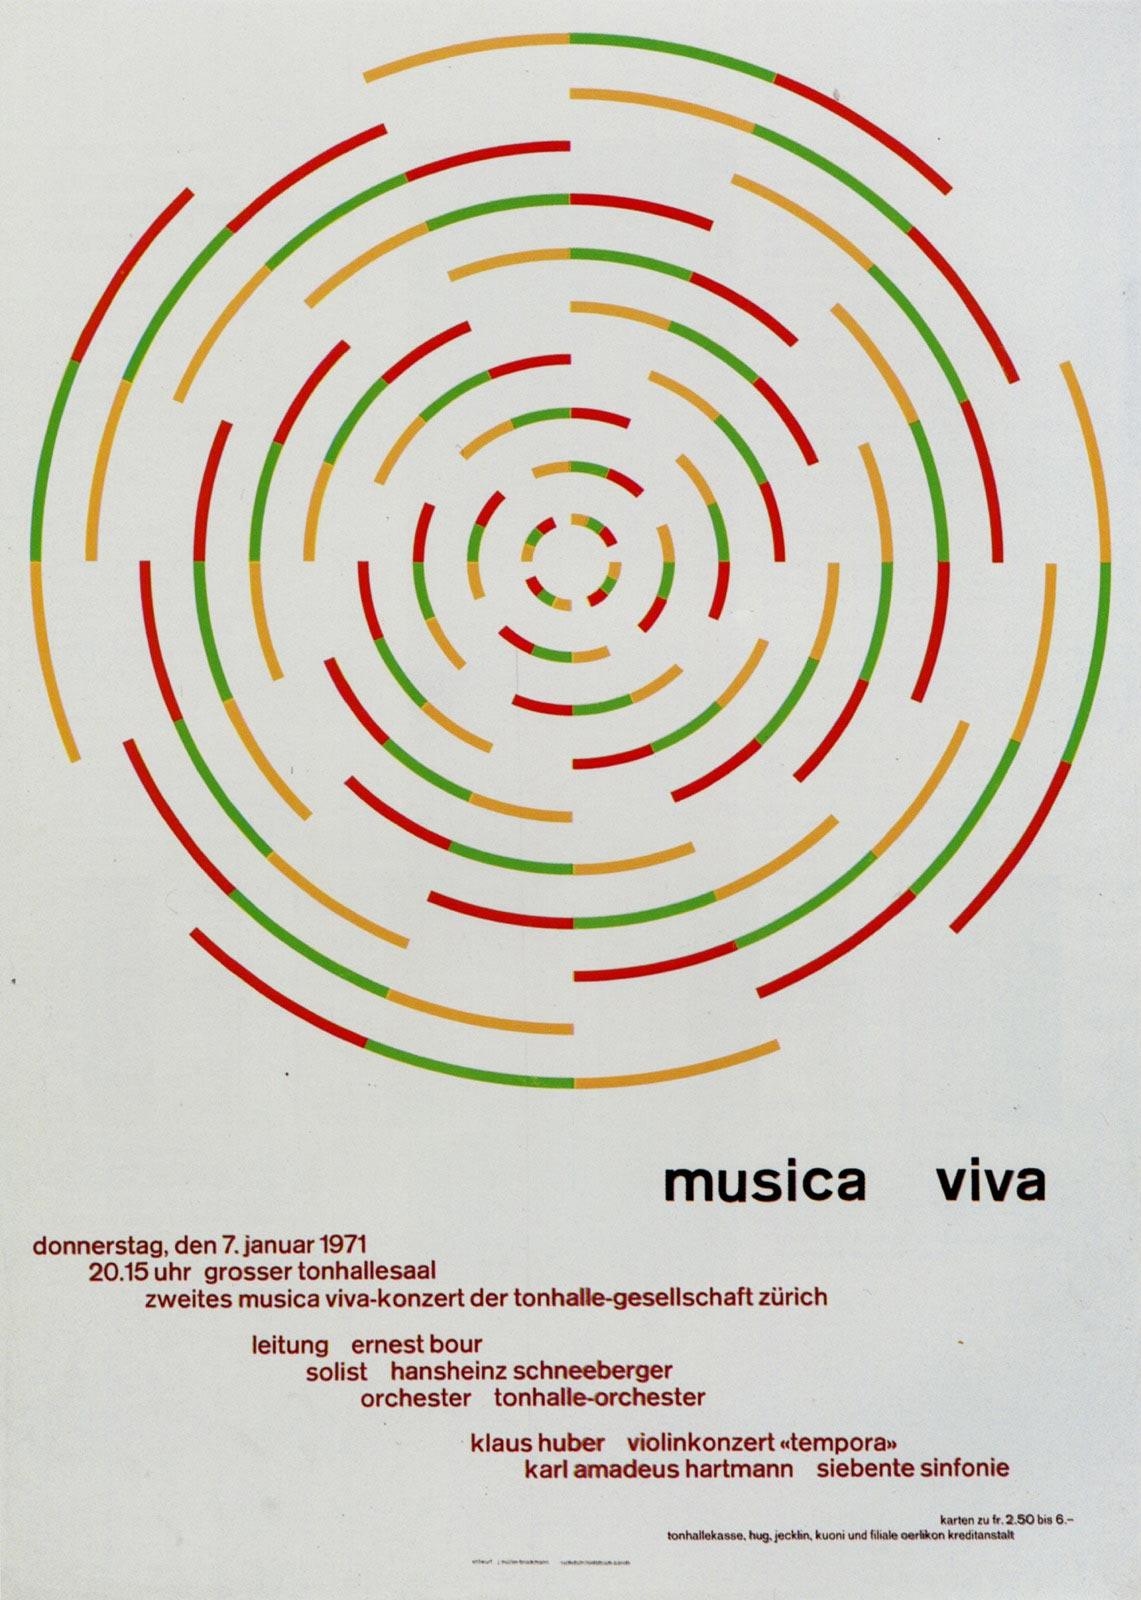 10. Zurich Tonhalle. musica viva. Concert poster, 1971